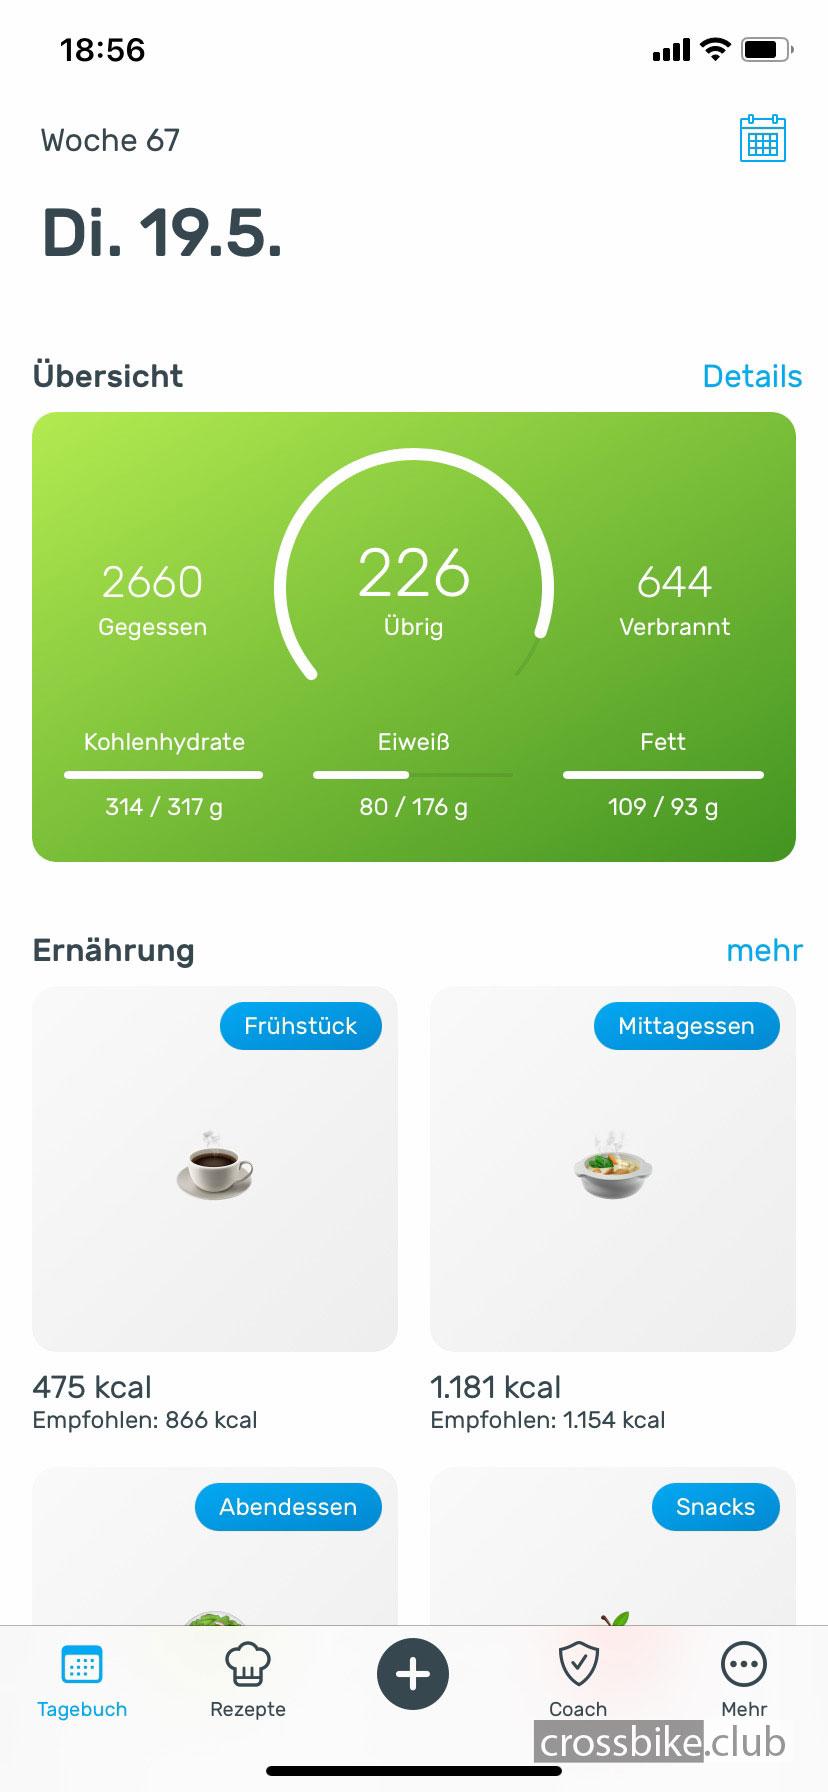 Ernährung gut: die Ampel ist grün